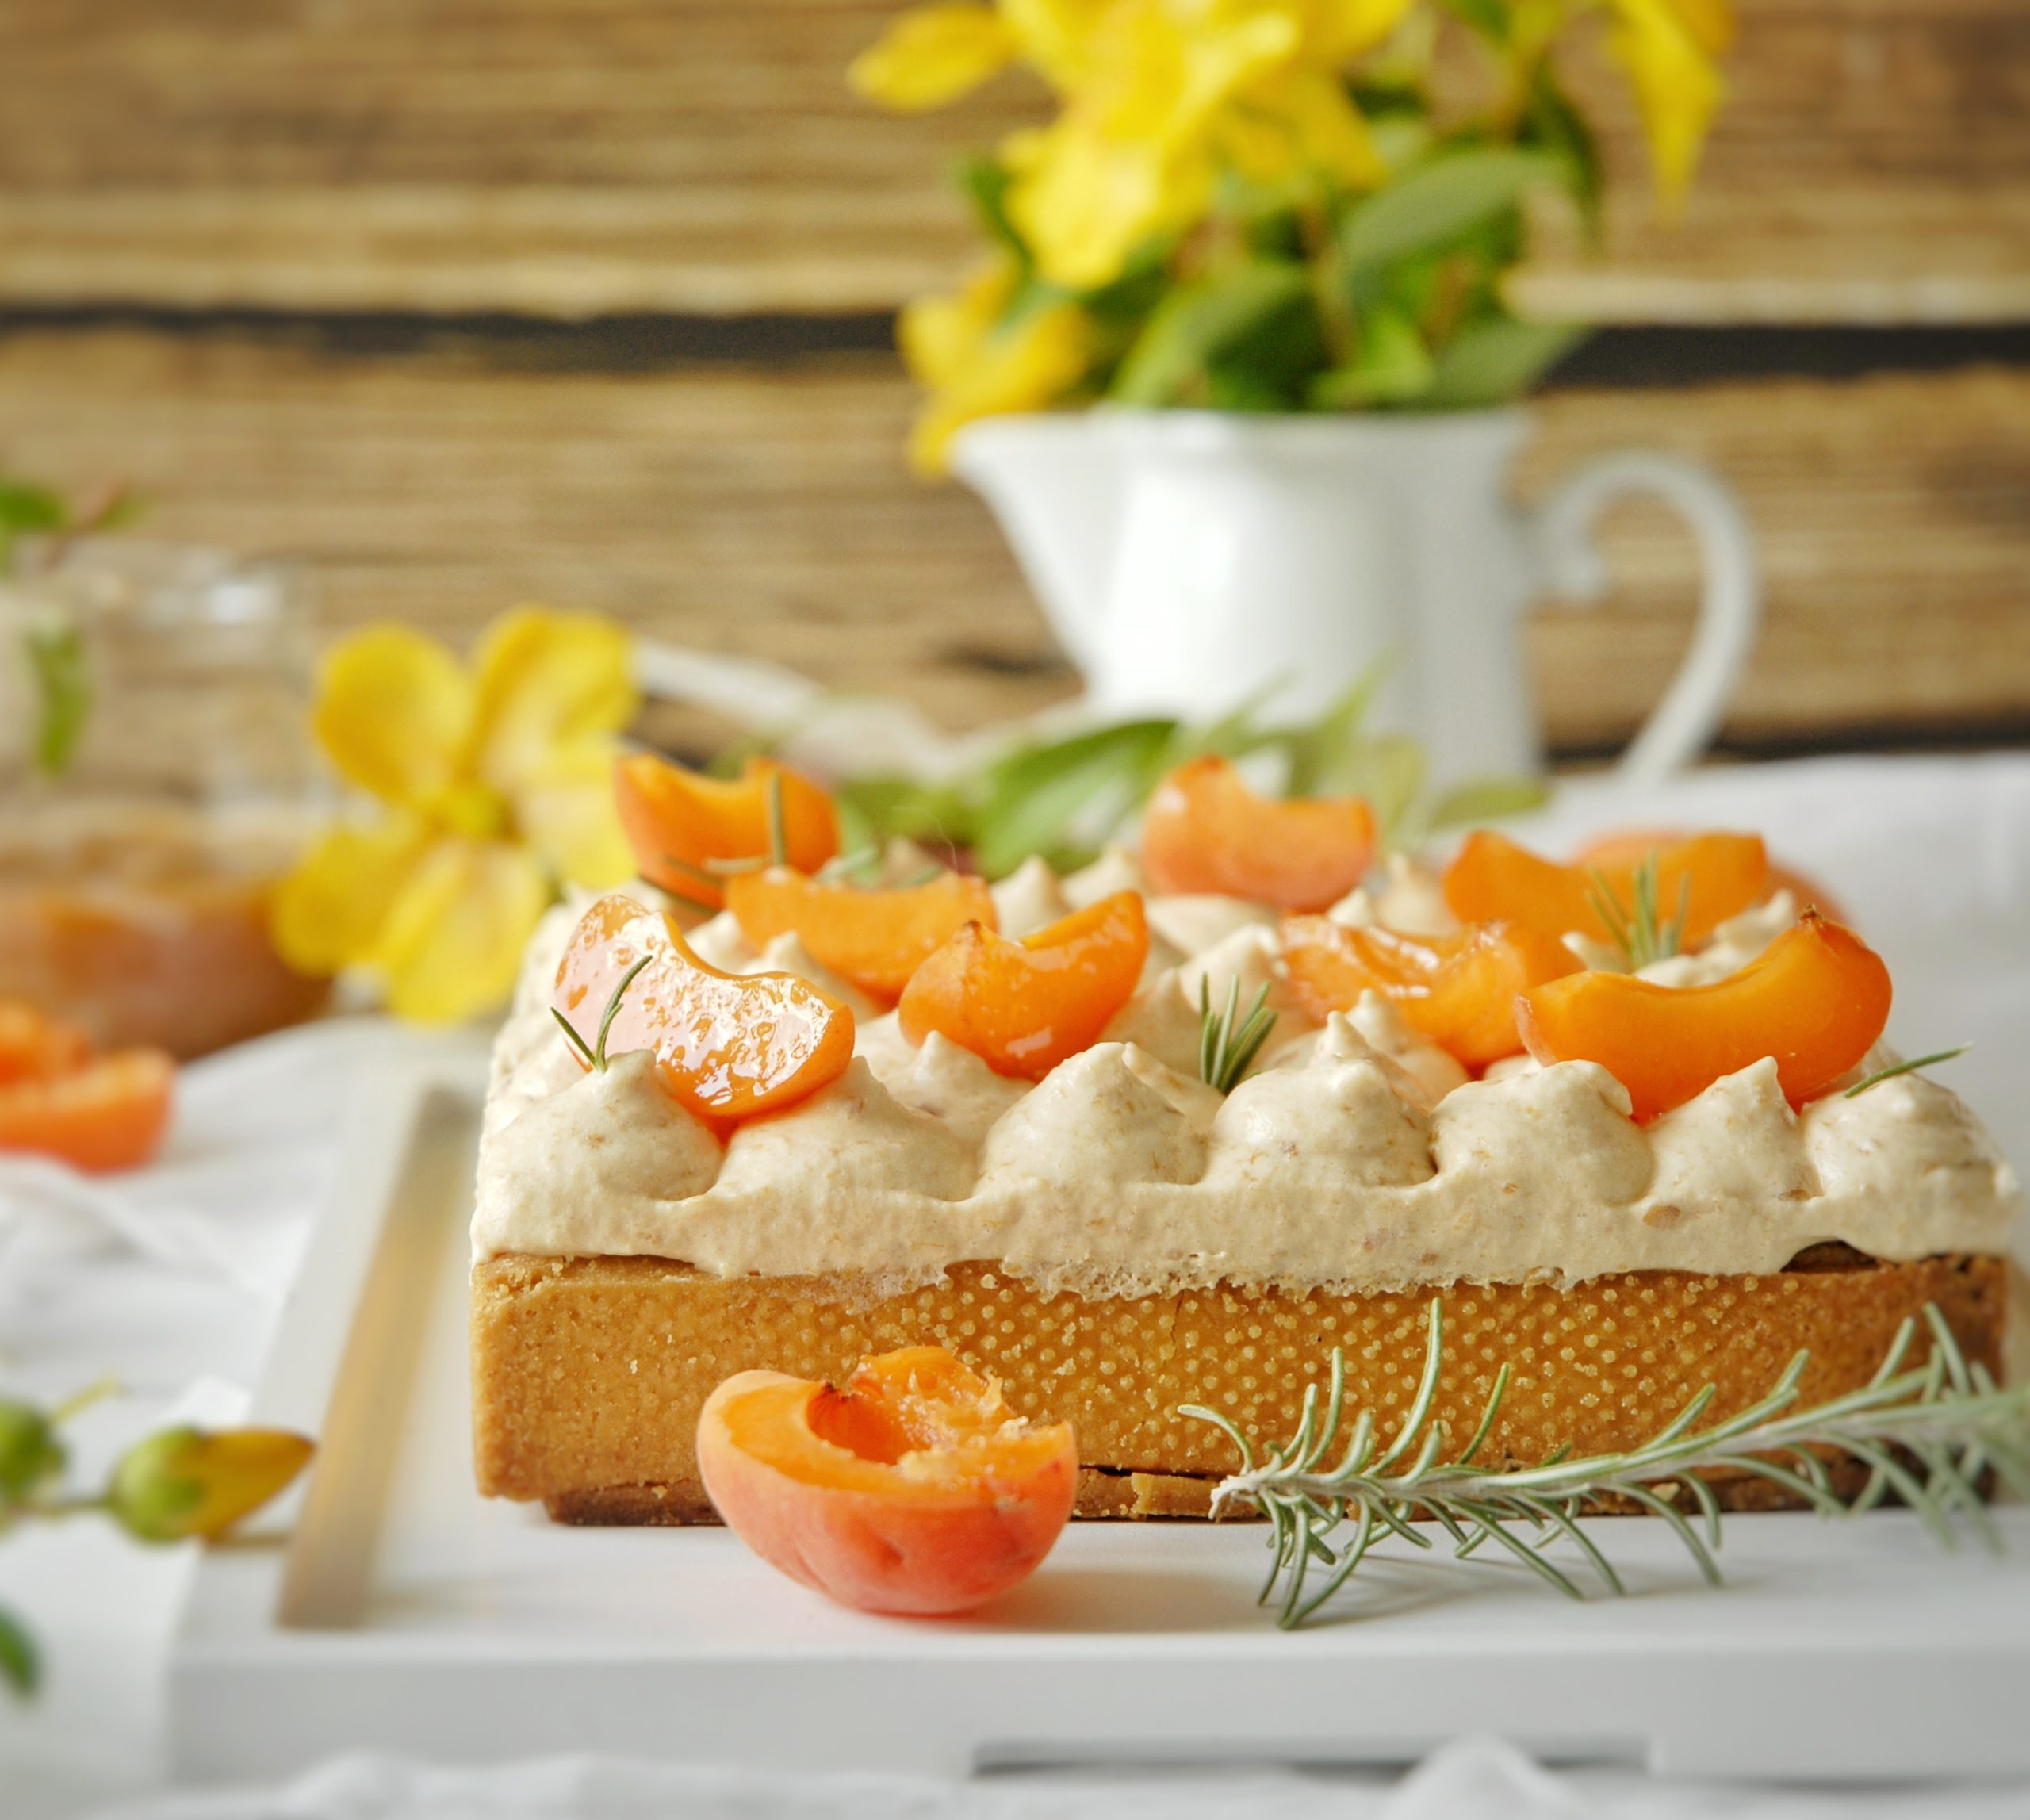 Crostata con frangipane al rosmarino e albicocche